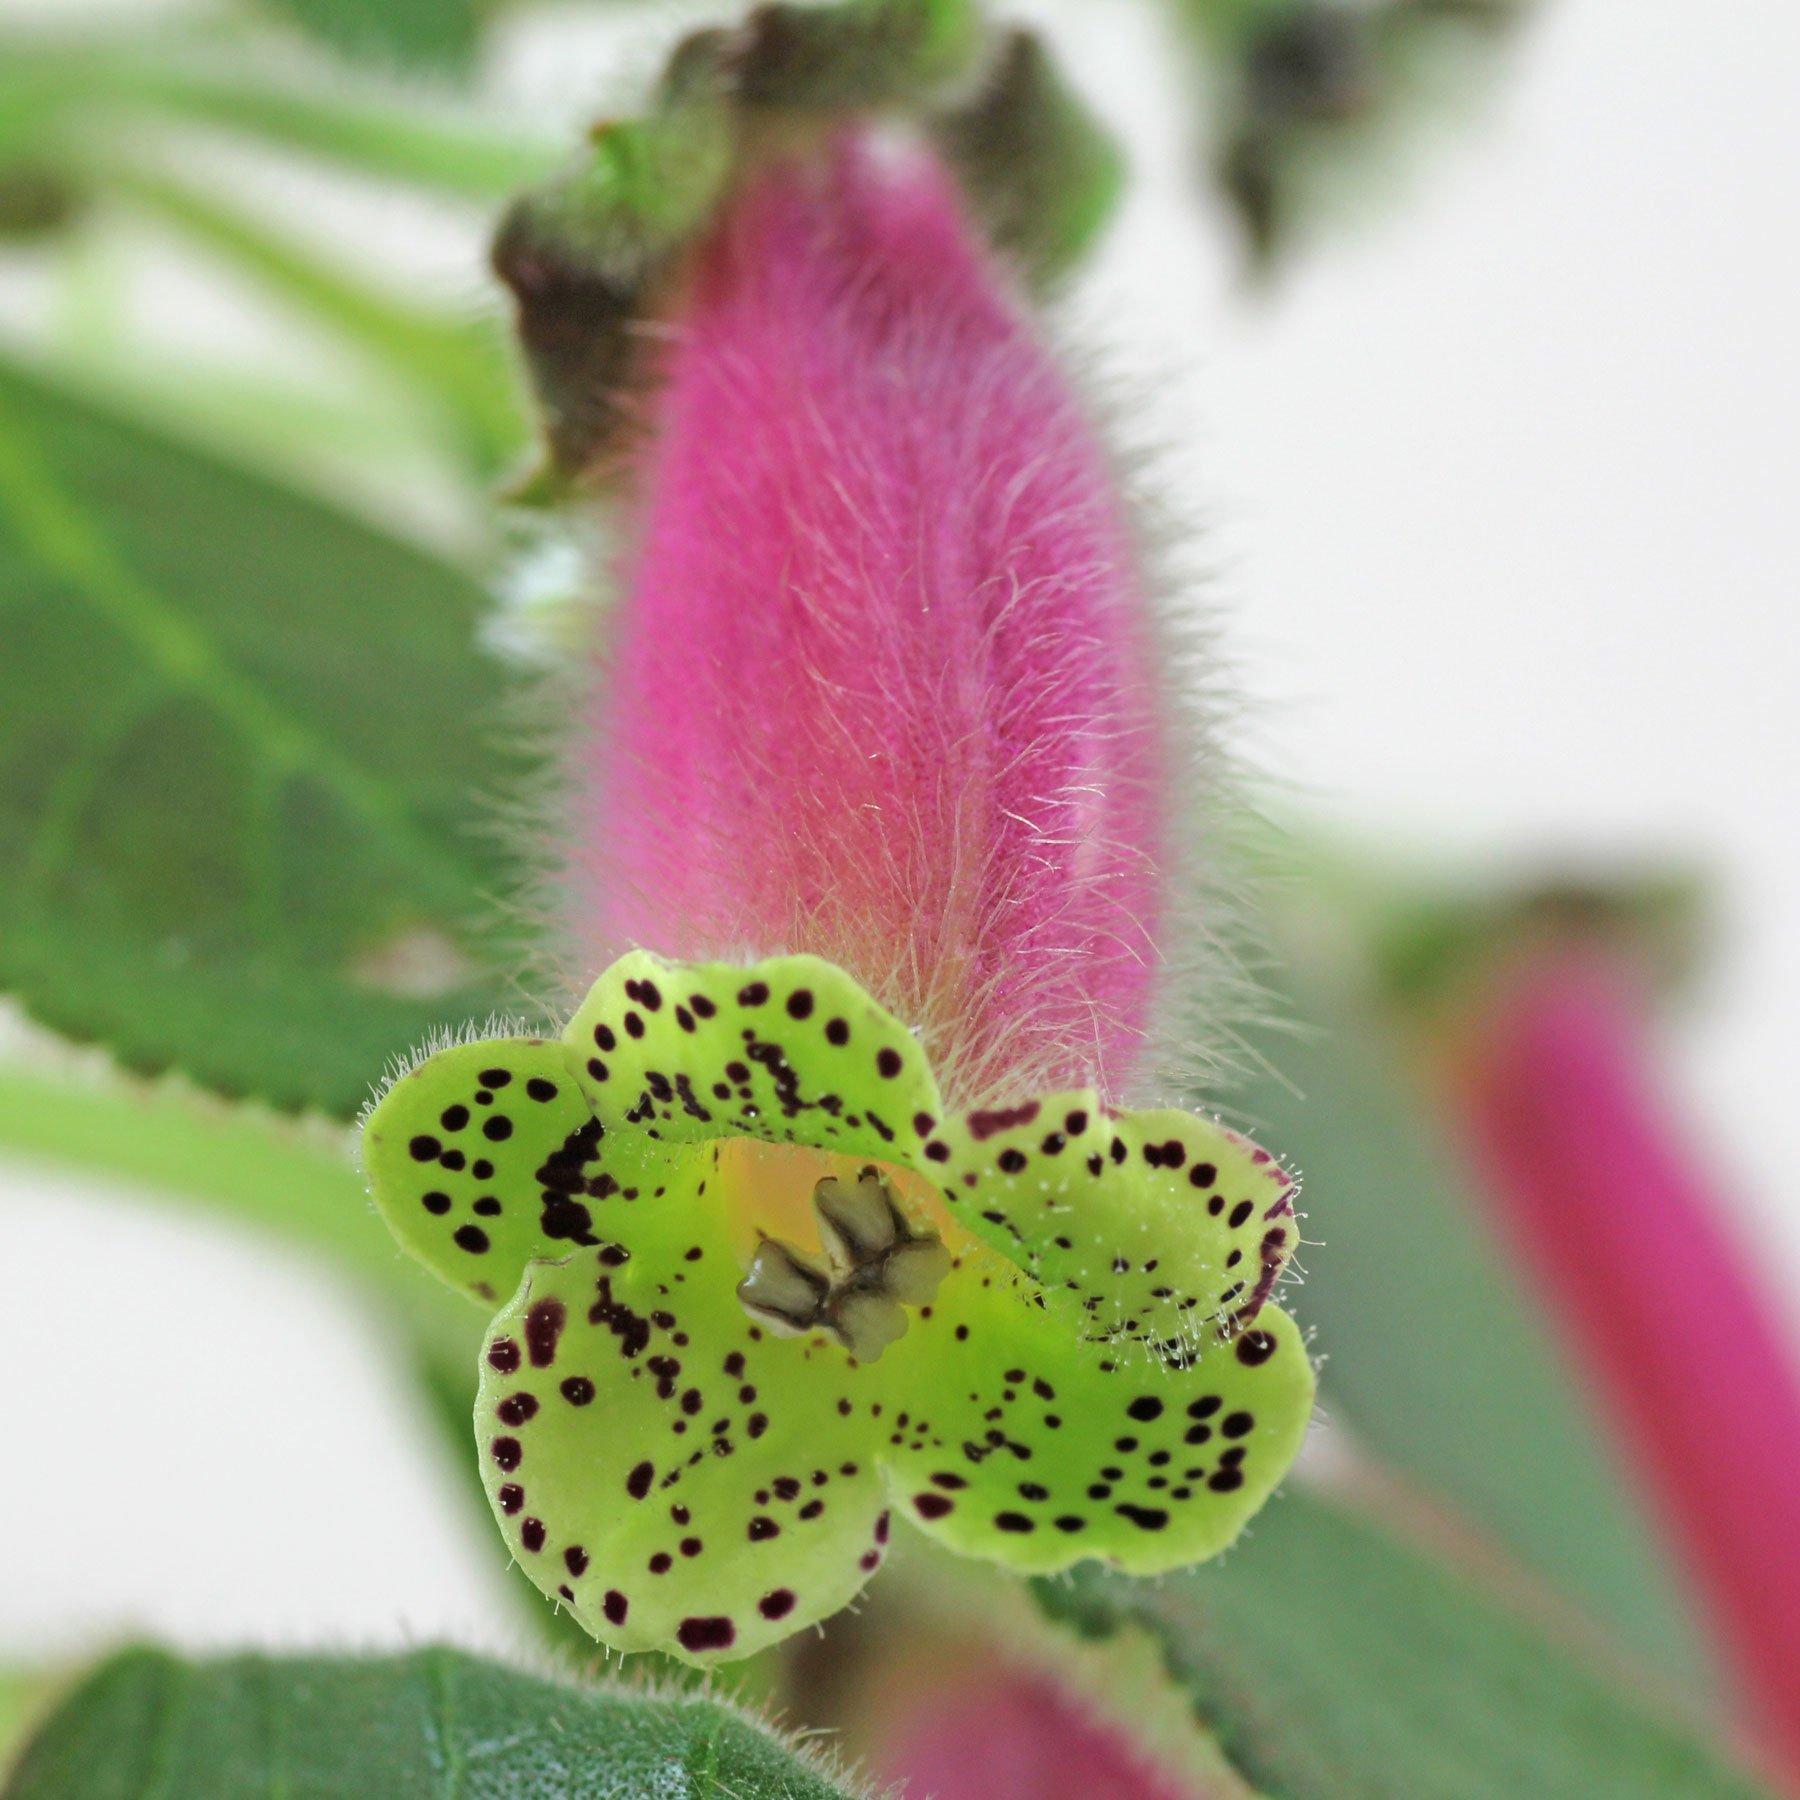 Kohleria warszewiczii Blüte